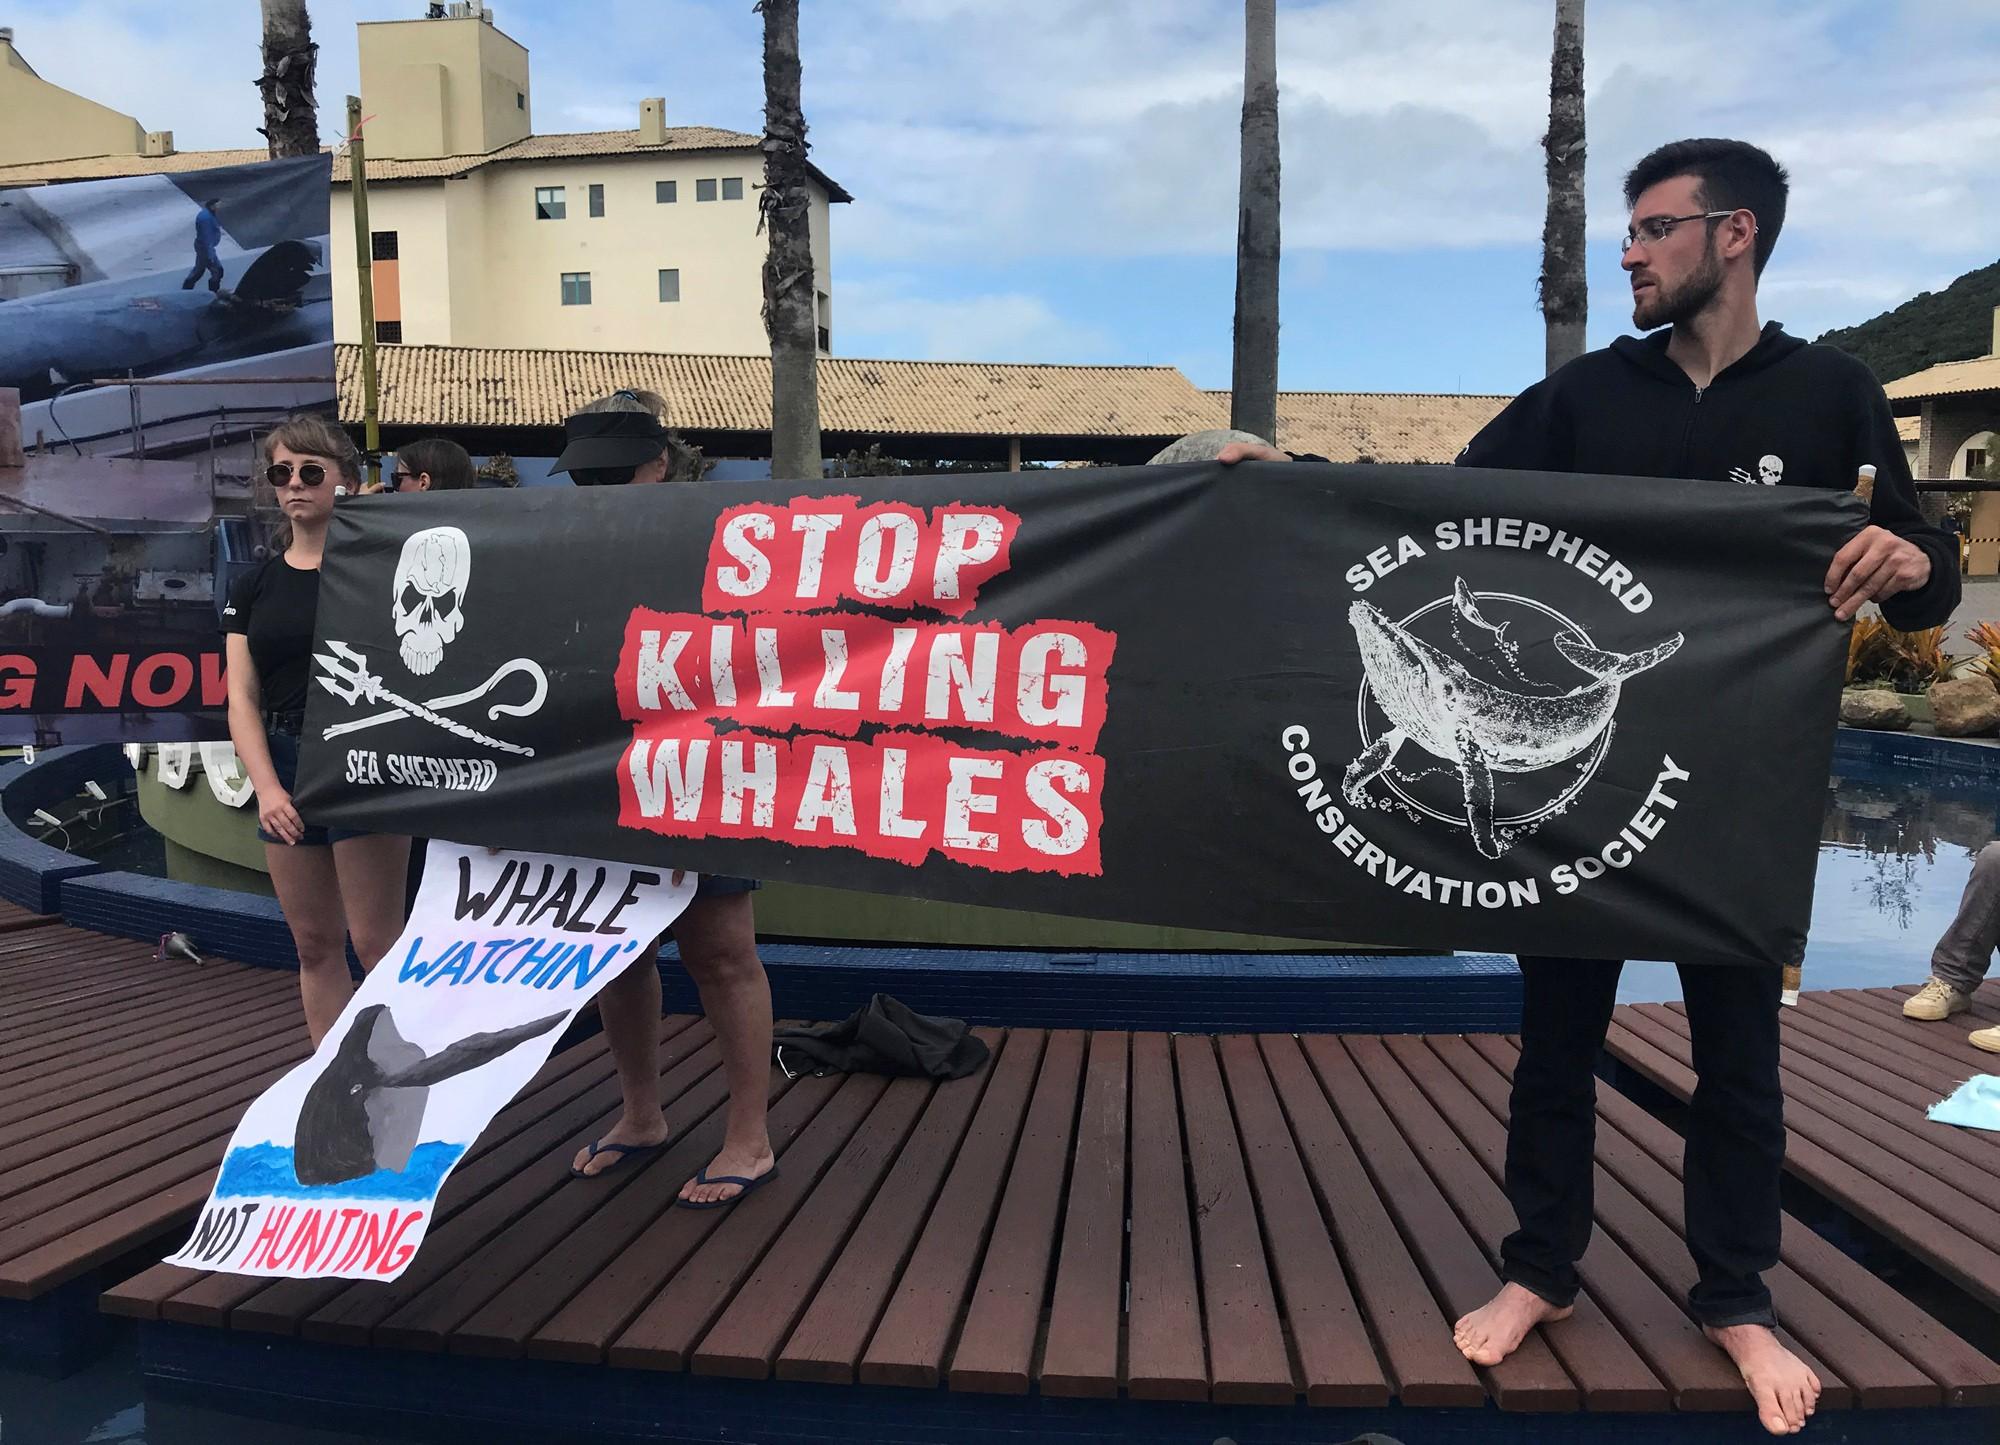 Comissão analisa proposta para liberar caça comercial de baleias; entenda o que está em jogo